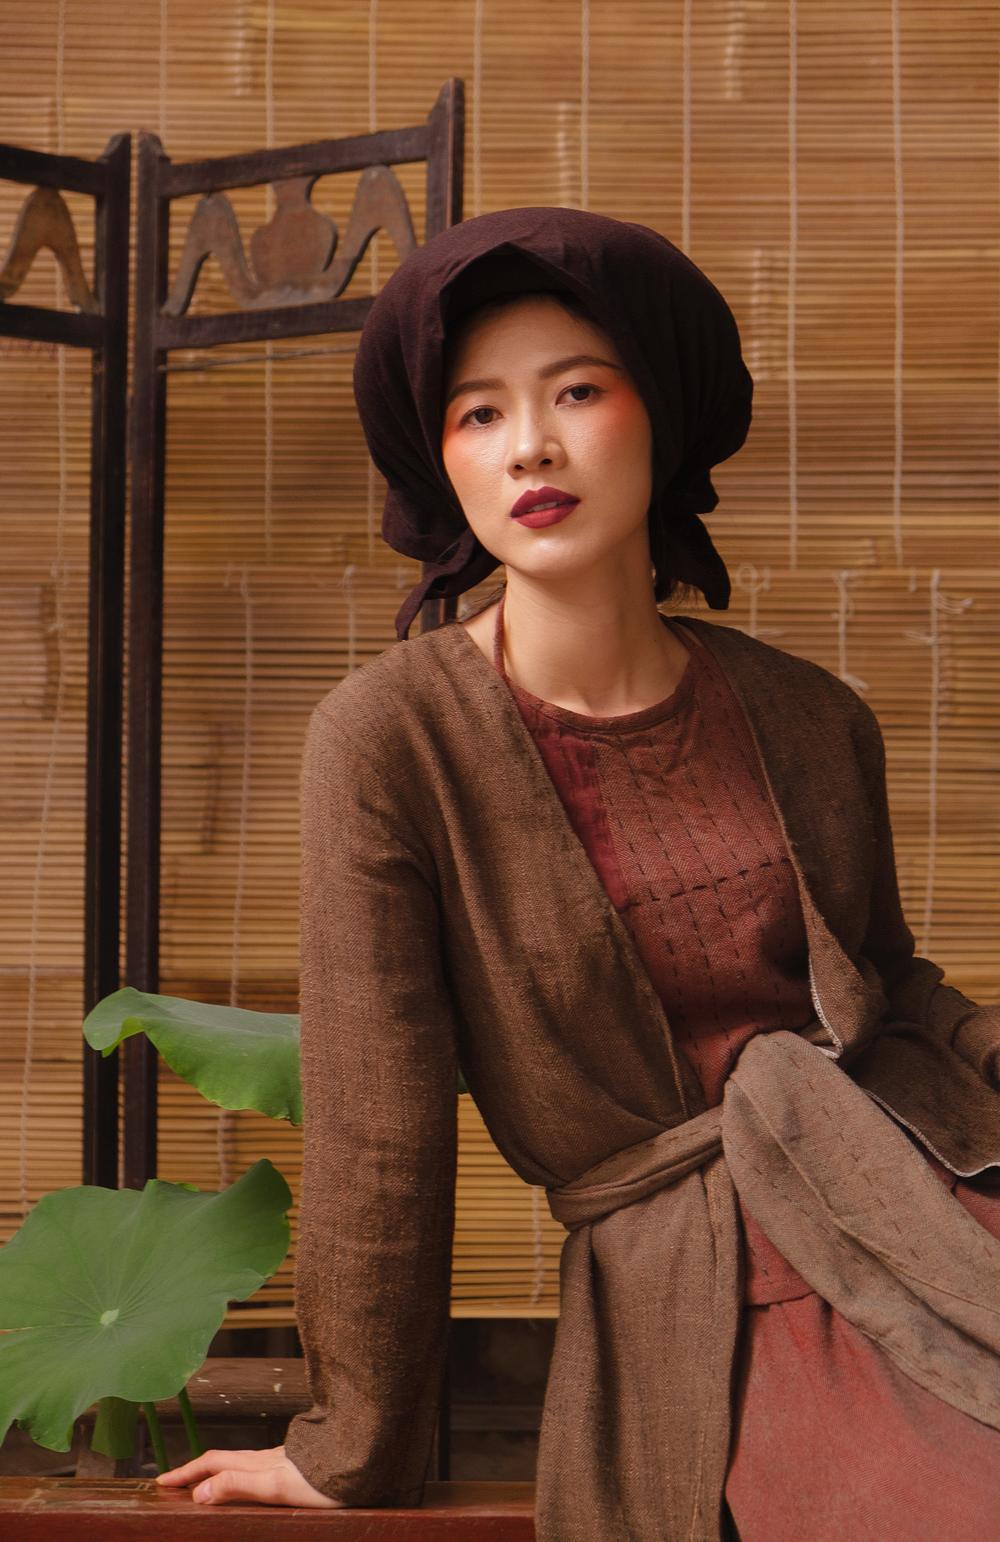 Oanh Kiều biến hóa phong cách trong bộ ảnh Tết, chia sẻ về vai diễn trong 'Trạng Tí' Ảnh 1